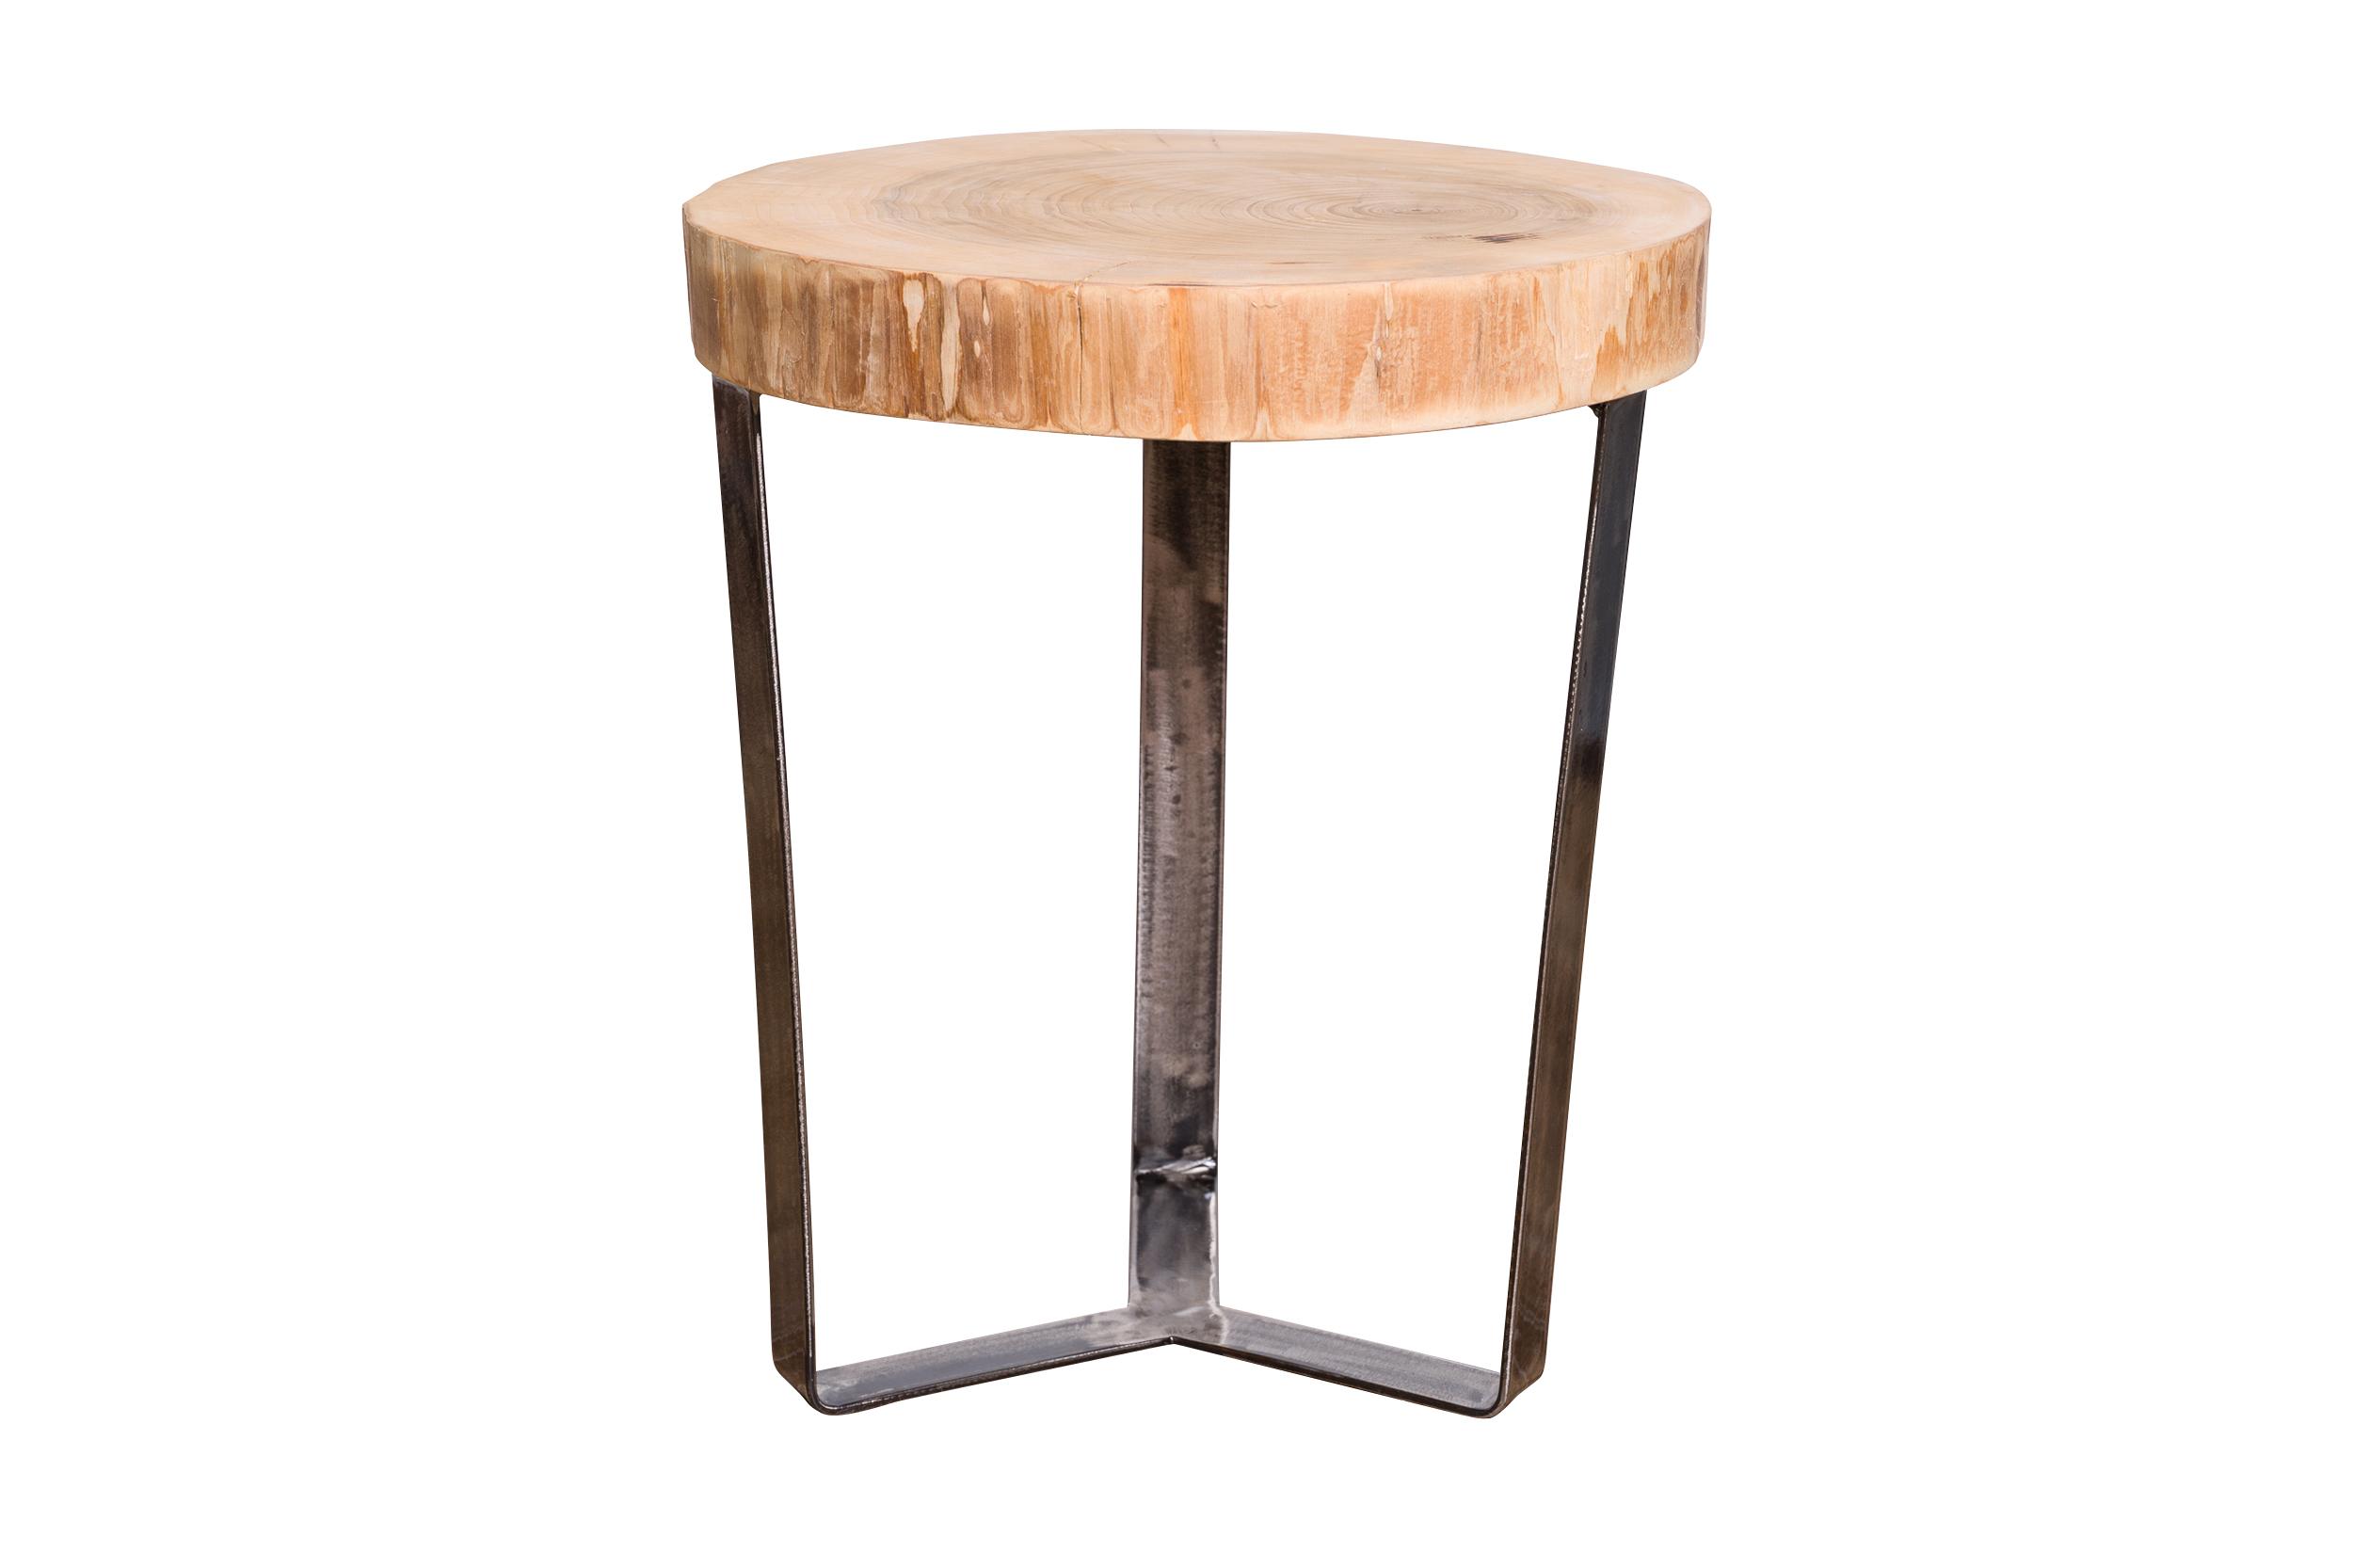 СтоликКофейные столики<br>&amp;lt;div&amp;gt;Столешница &amp;amp;nbsp;из необработанного спила тополя, выполненная &amp;amp;nbsp;в стиле эко-лофт, добавит в вашу гостиную скандинавский характер. Грубая текстура и естественные трещины в древесине не оставят равнодушными ценителей всего натурального и подлинного.&amp;lt;/div&amp;gt;&amp;lt;div&amp;gt;&amp;lt;br&amp;gt;&amp;lt;/div&amp;gt;&amp;lt;div&amp;gt;Поскольку изделие выполнено из натурального дерева, то его размер, форма, цвет, текстура могут варьироваться.&amp;lt;/div&amp;gt;&amp;lt;div&amp;gt;Материал основания: лакированный металл.&amp;lt;/div&amp;gt;&amp;lt;div&amp;gt;Столешница пропитана тиковым маслом.&amp;lt;/div&amp;gt;<br><br>Material: Тополь<br>Высота см: 48